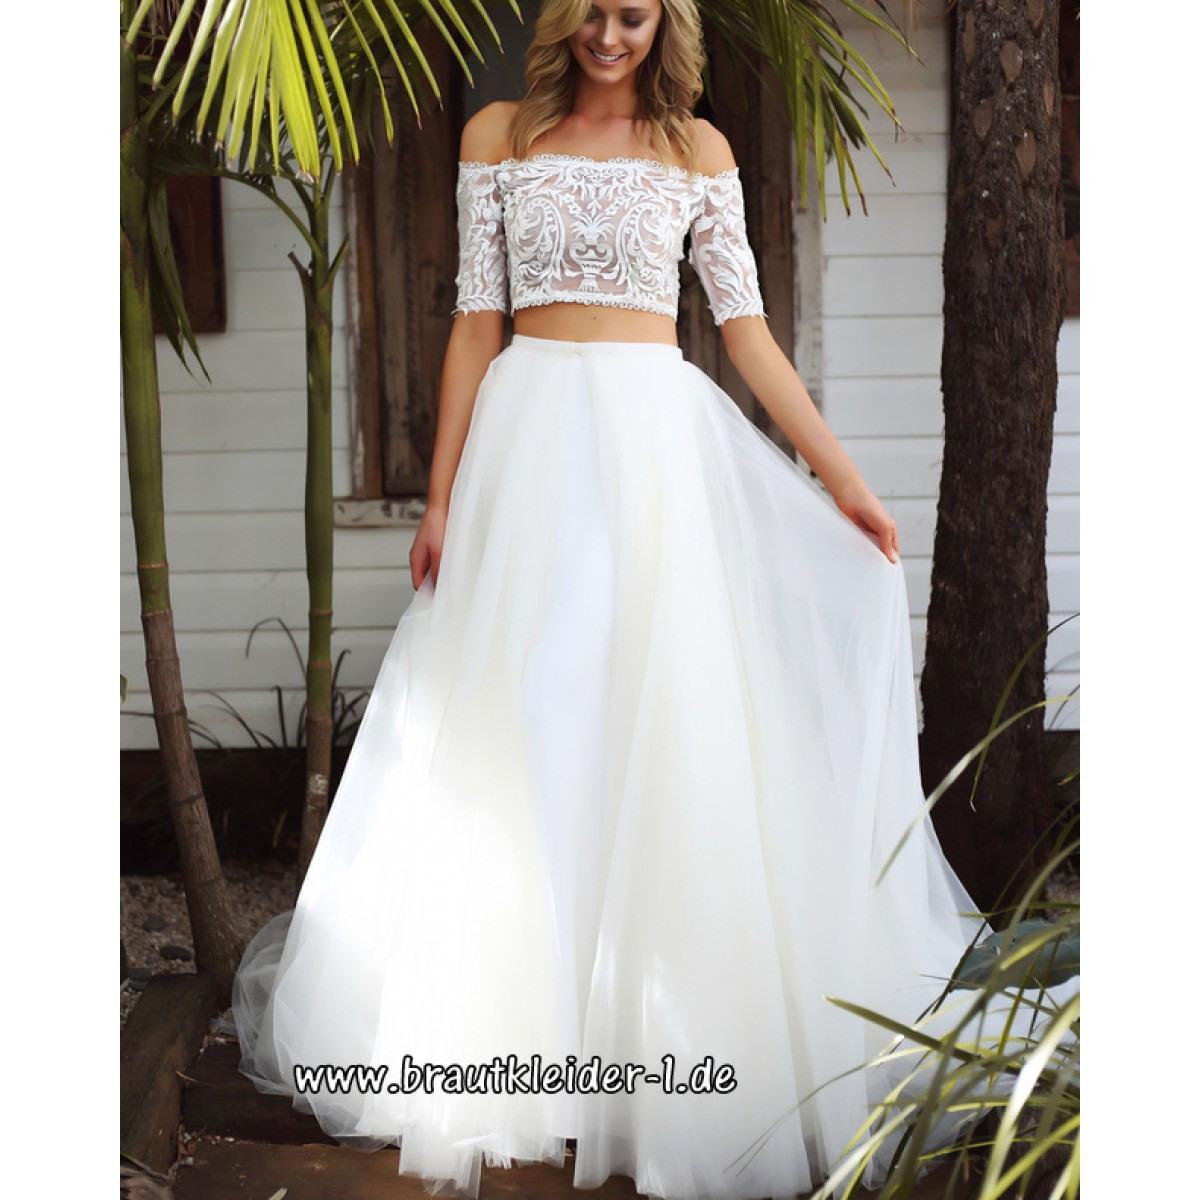 Zweiteiliges Brautkleid 13 - Abendkleid